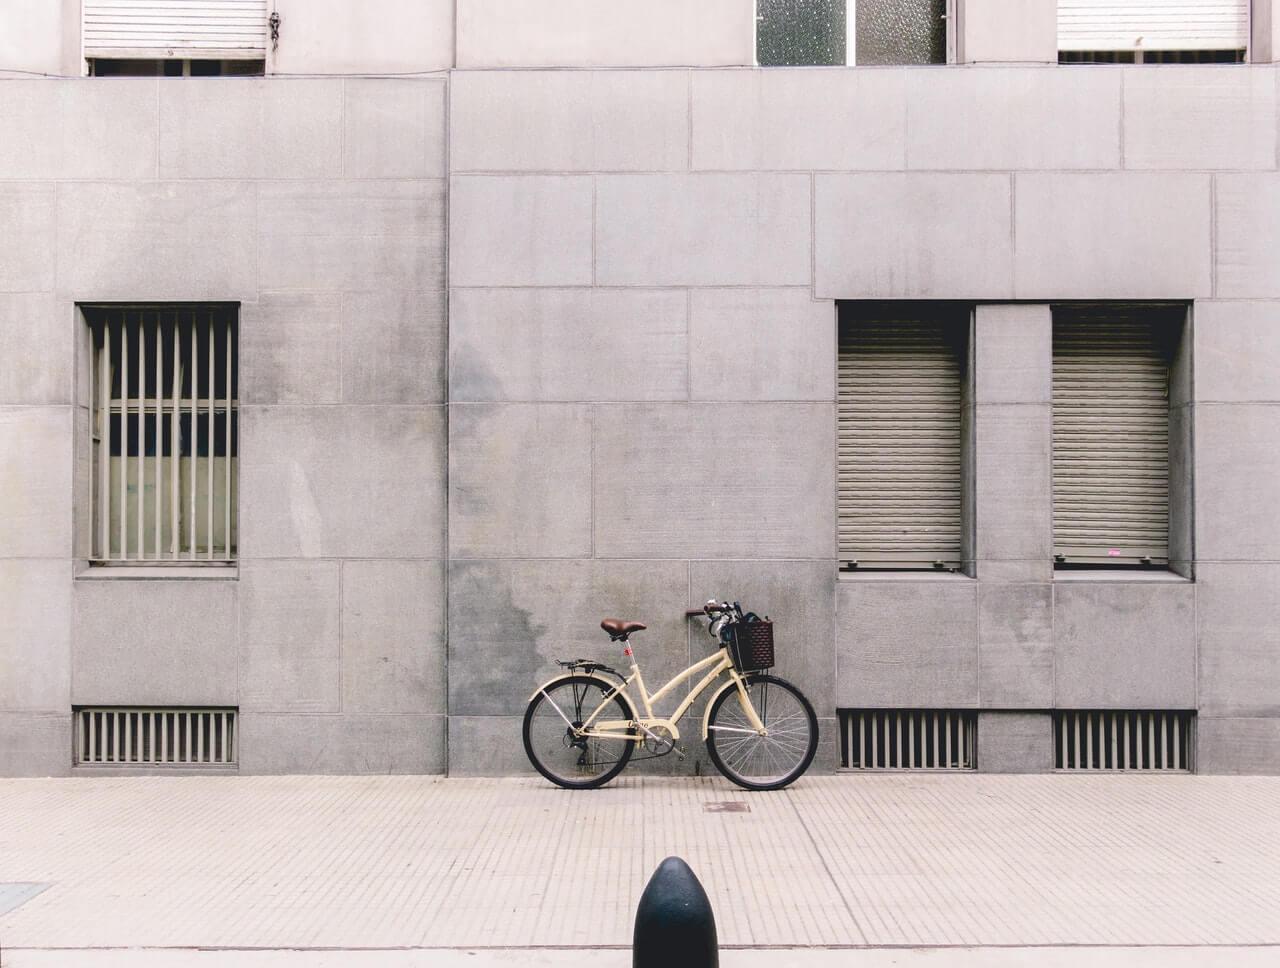 Ajusta tu bicicleta a tu cuerpo para que sea cómoda y no te duela